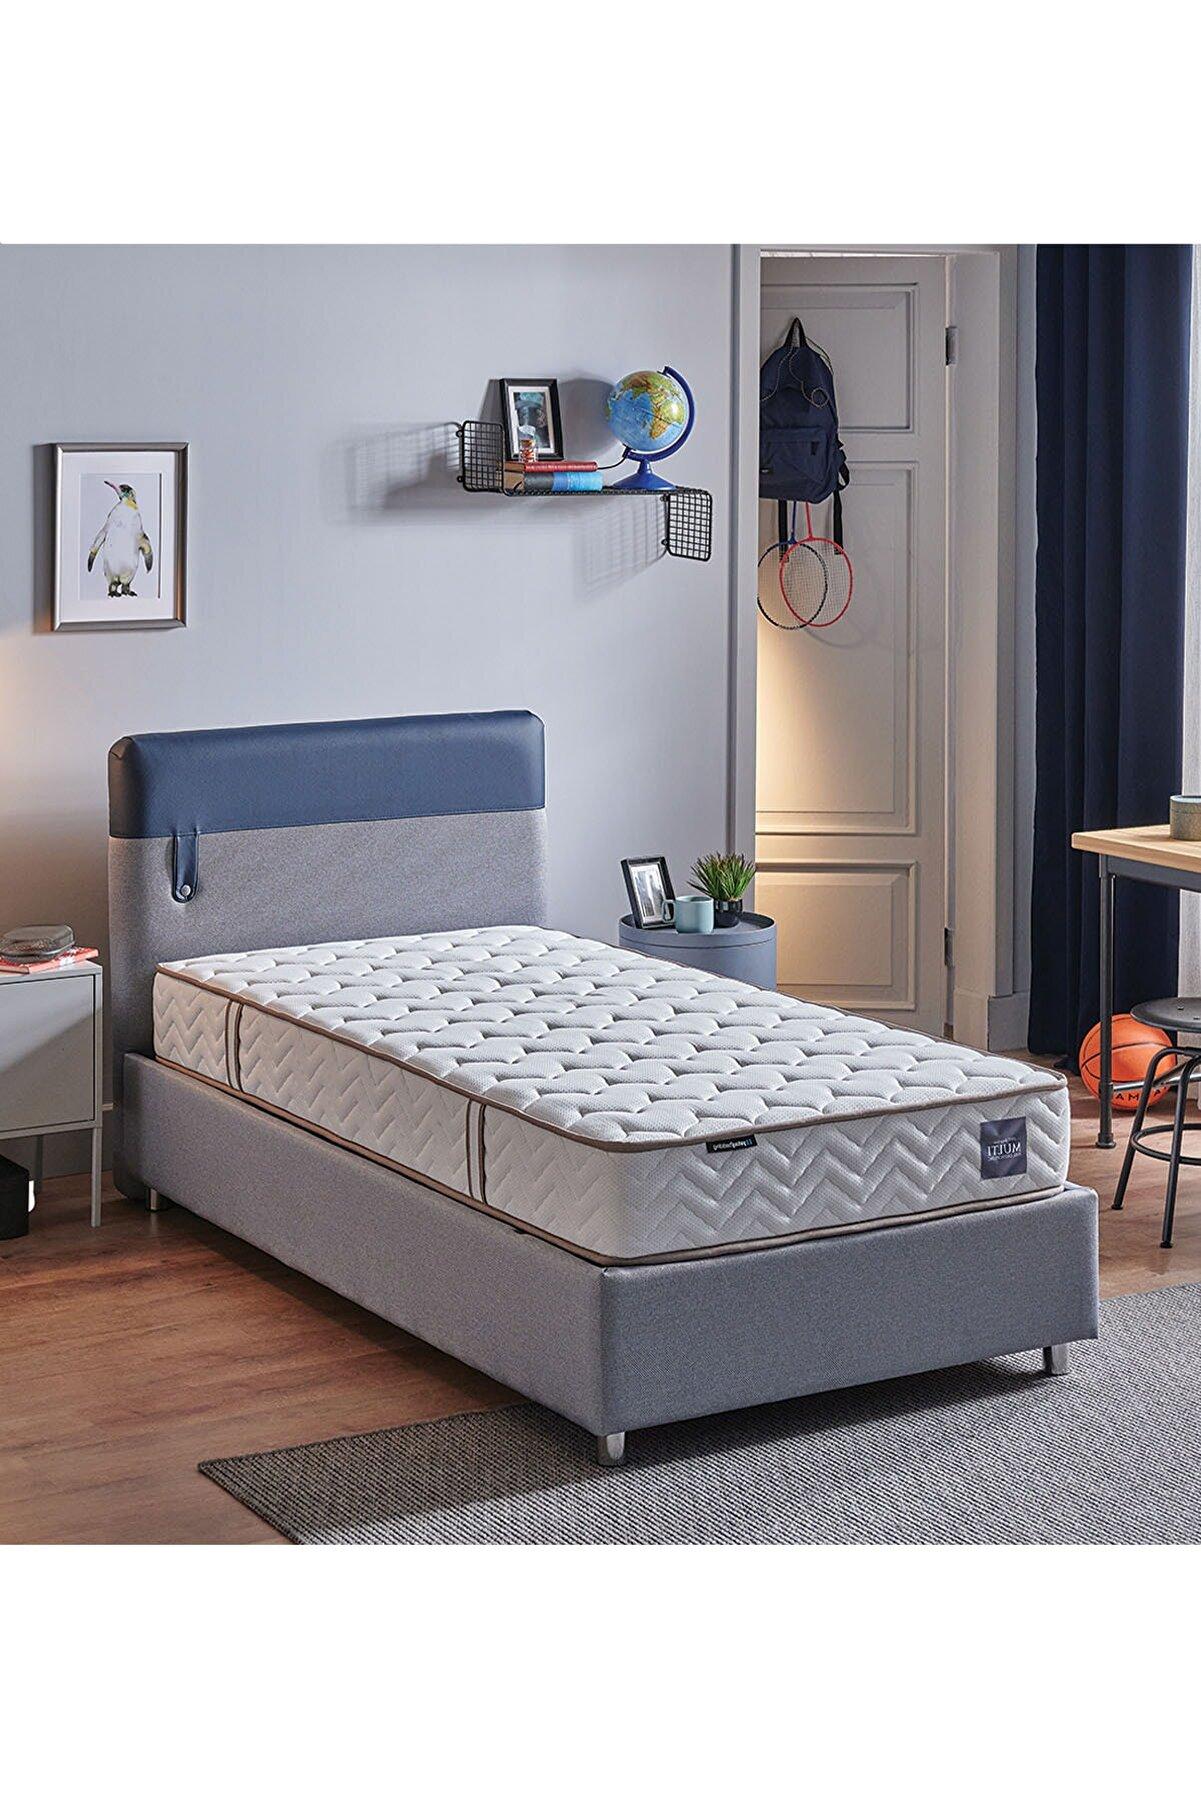 Yataş Loris Sandıklı Yatak Baza Başlık Genç Seti - Multi Yatak - Tek Kişilik - Mavi - Lacivert